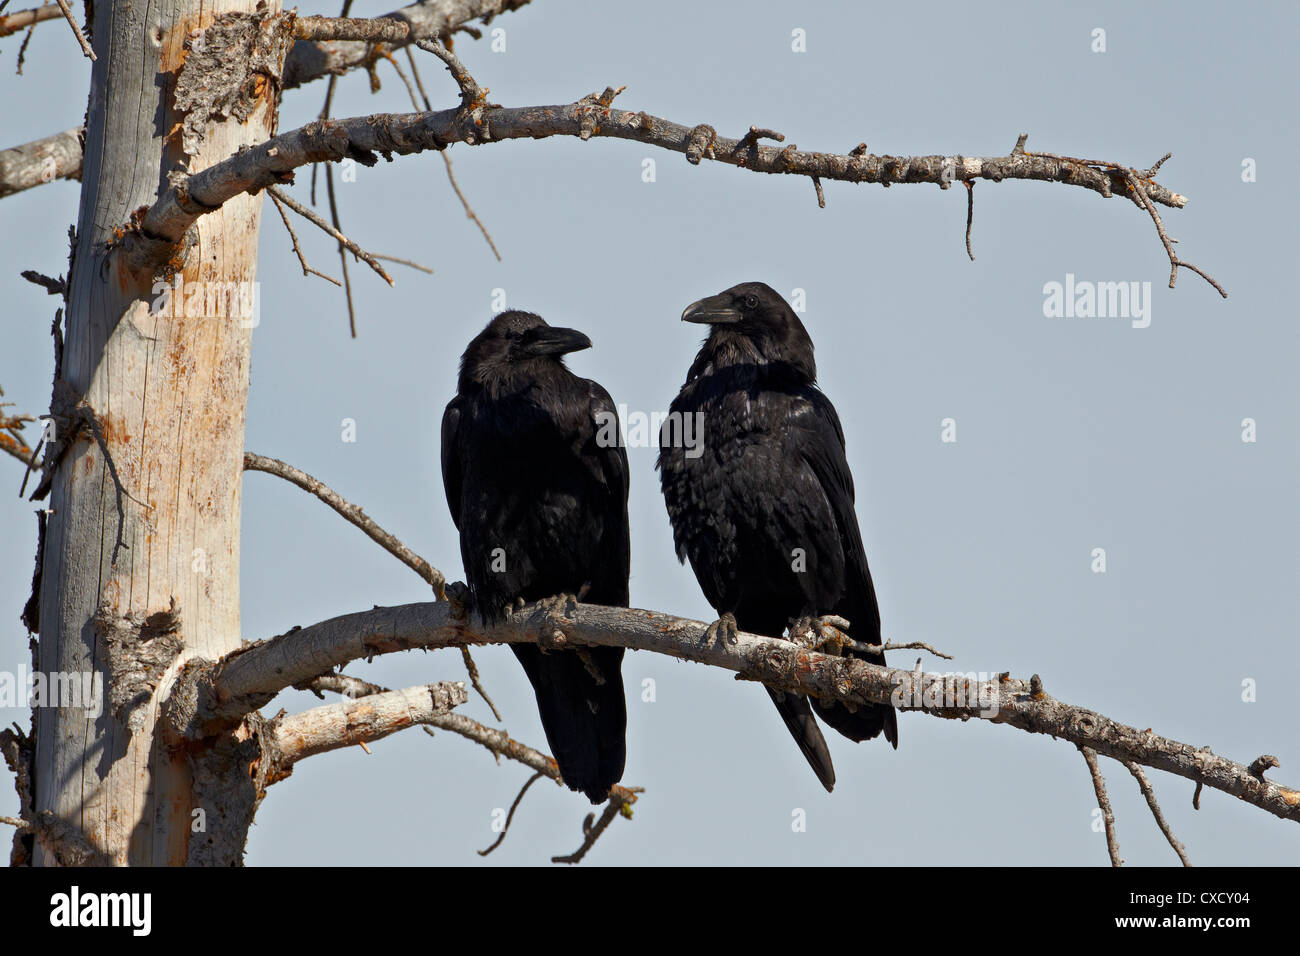 Gemeinsamen Rabe (Corvus Corax) paar, Yellowstone-Nationalpark, Wyoming, Vereinigte Staaten von Amerika, Nordamerika Stockbild